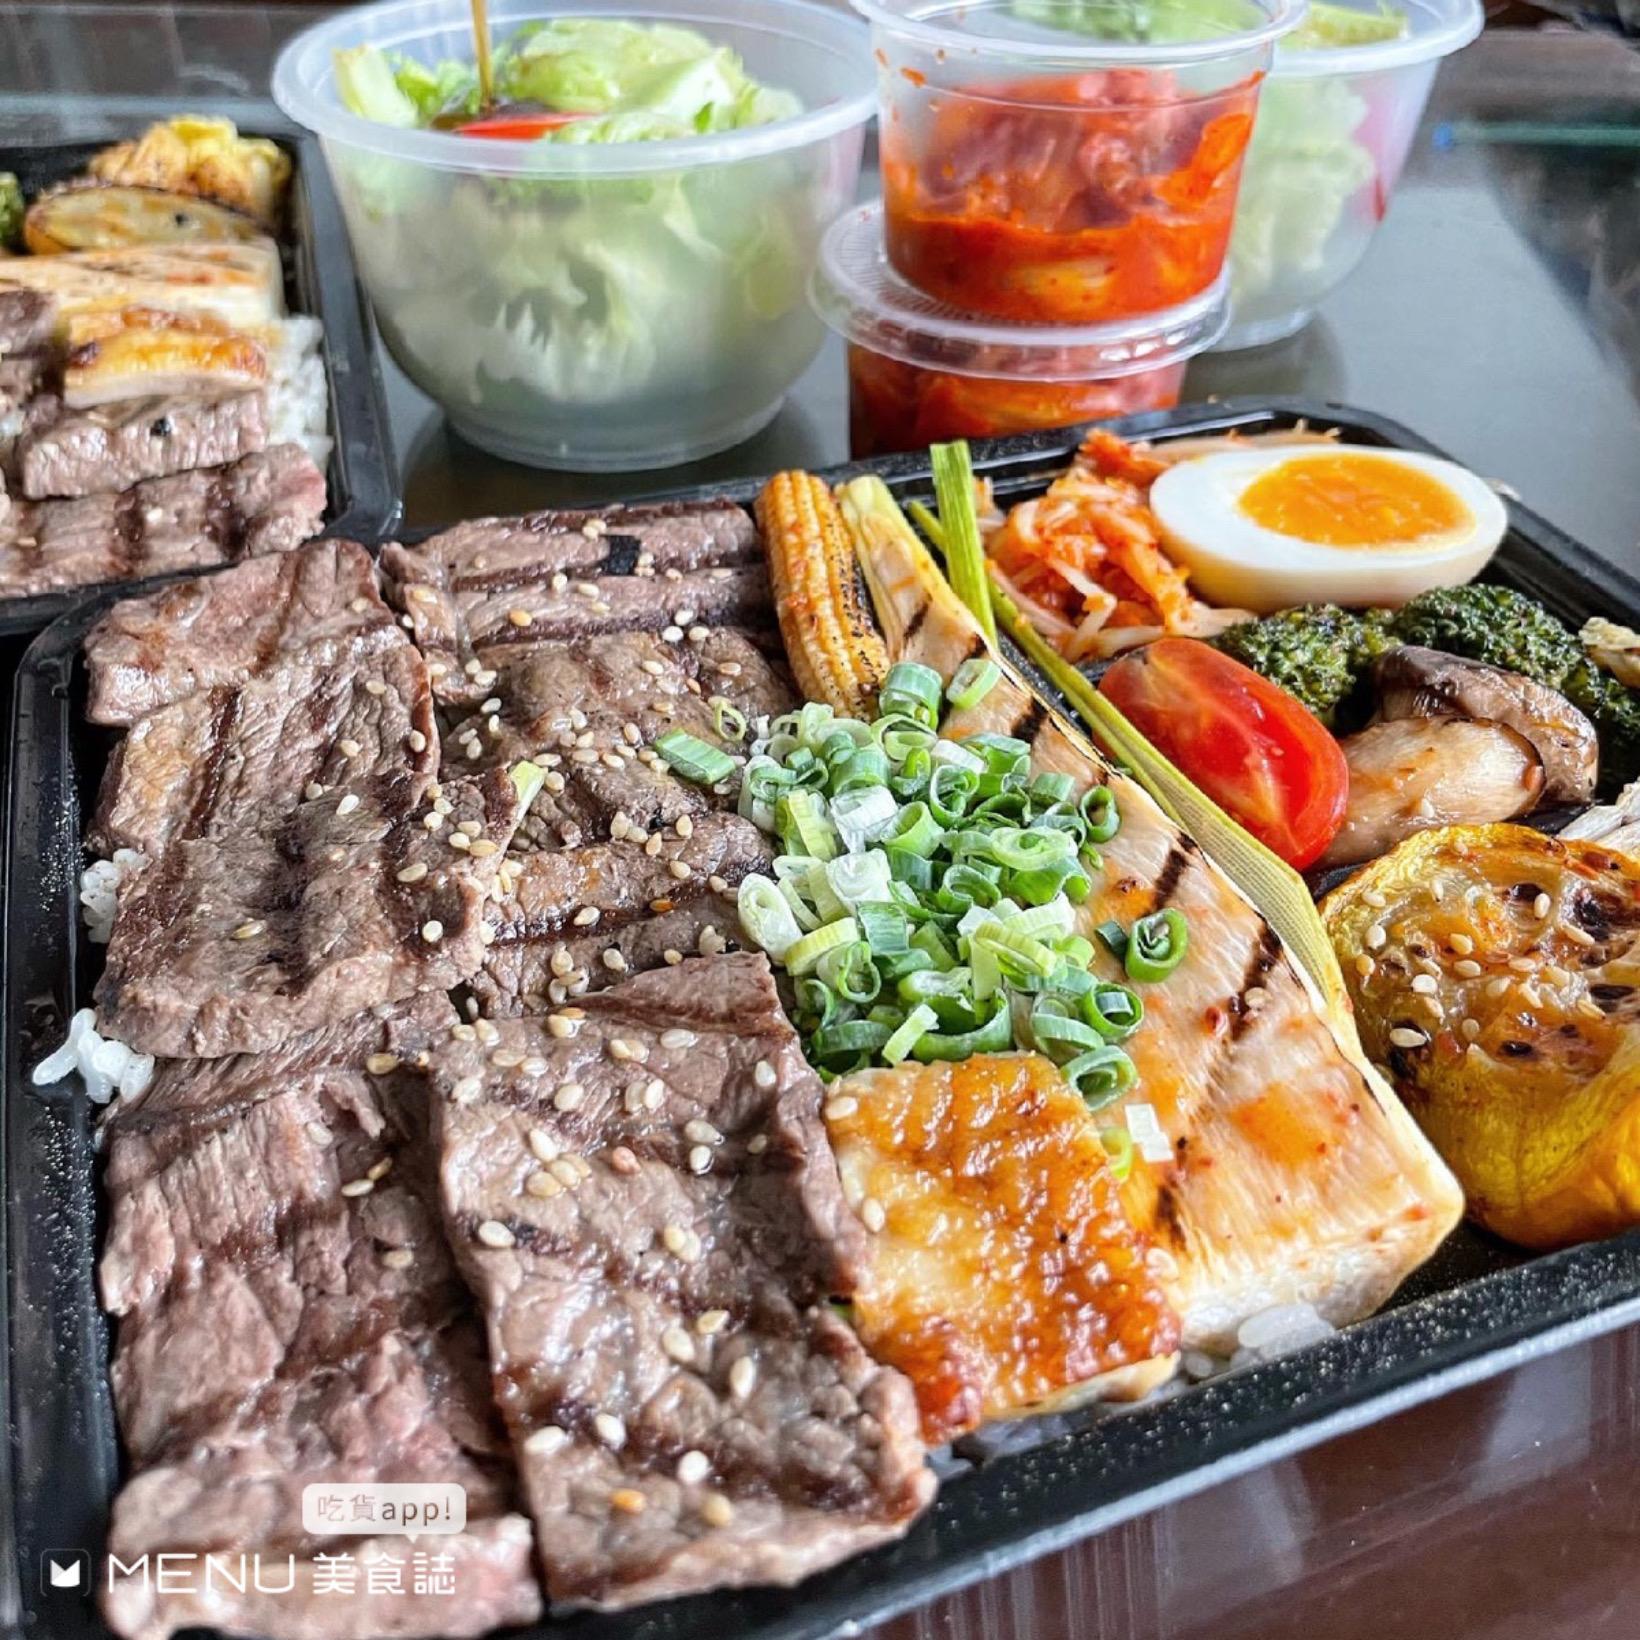 給我肉其餘免談!精選全台9間燒肉店防疫餐盒,和牛、日式、韓式燒肉,肉肉控在家也能吃到最愛的燒肉!